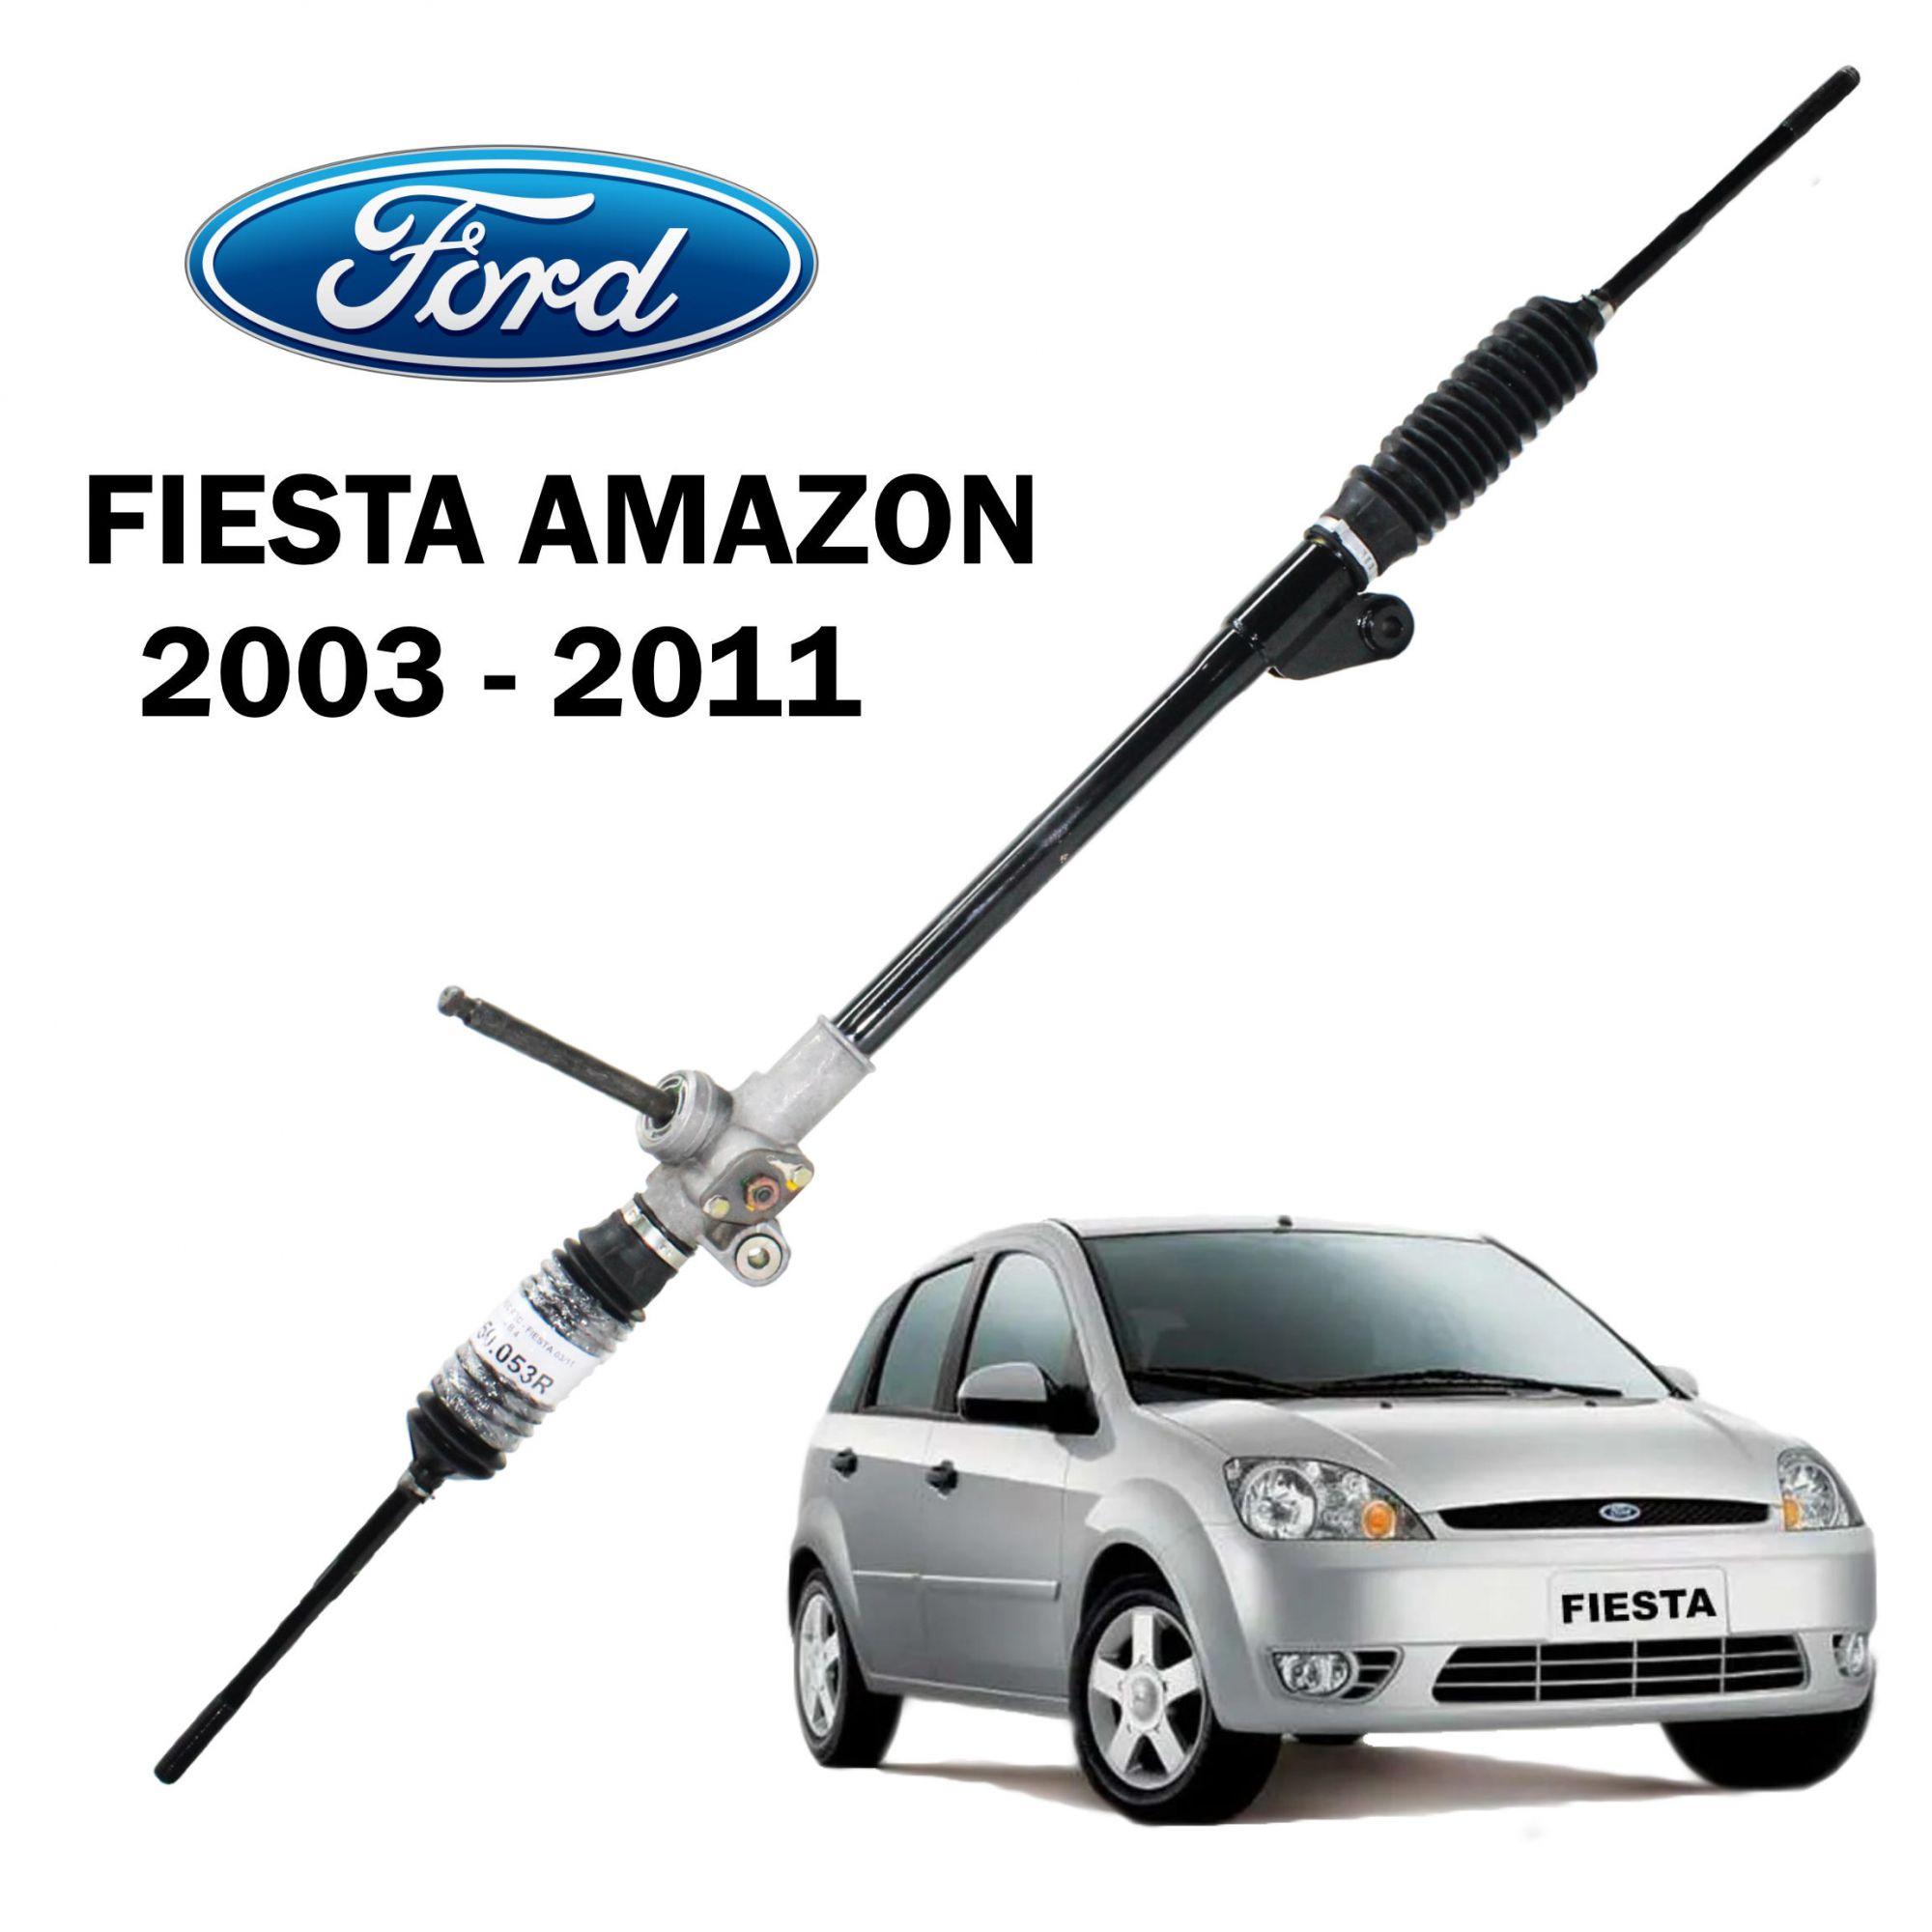 Caixa Direção Mecânica Ford Fiesta Amazon 2003...2011 - Remanufaturada